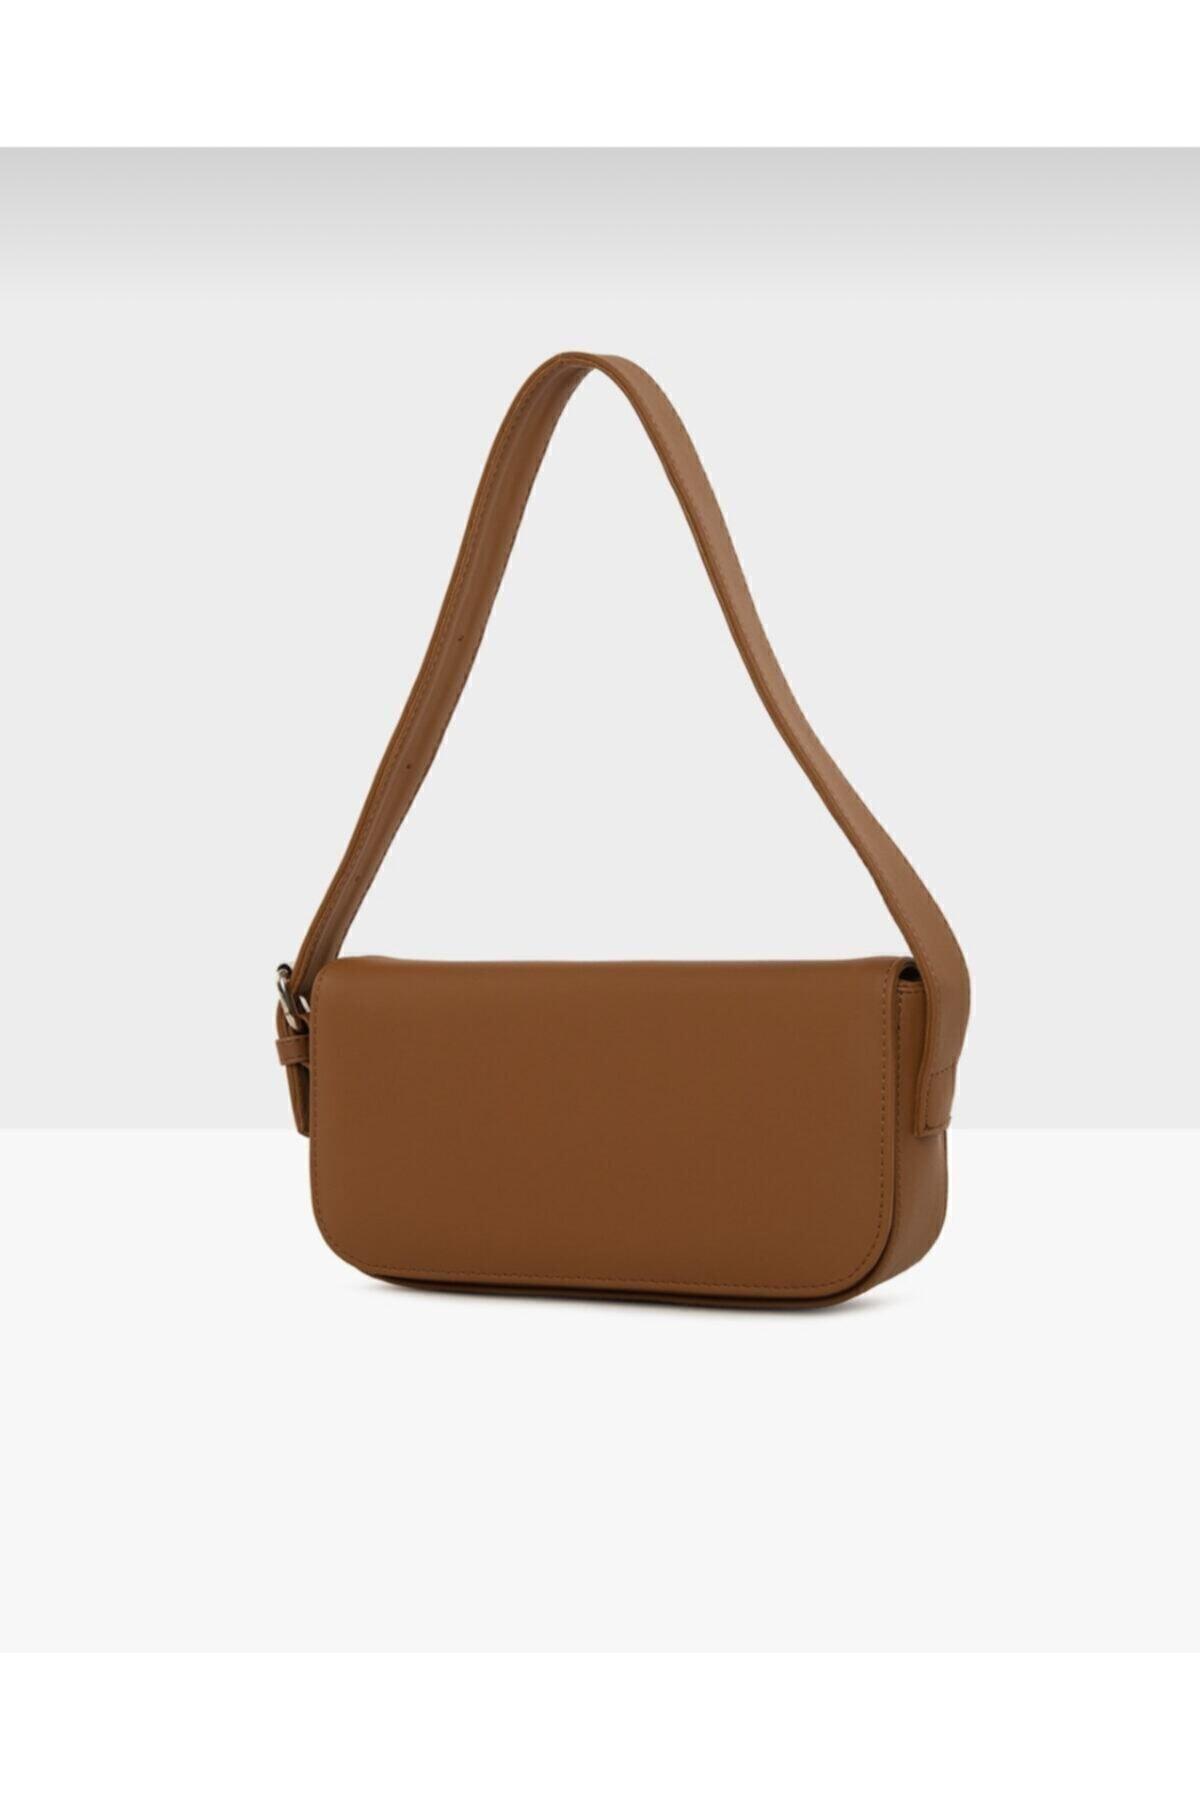 bag&more Kadın Taba Kapaklı Baget Çanta 2